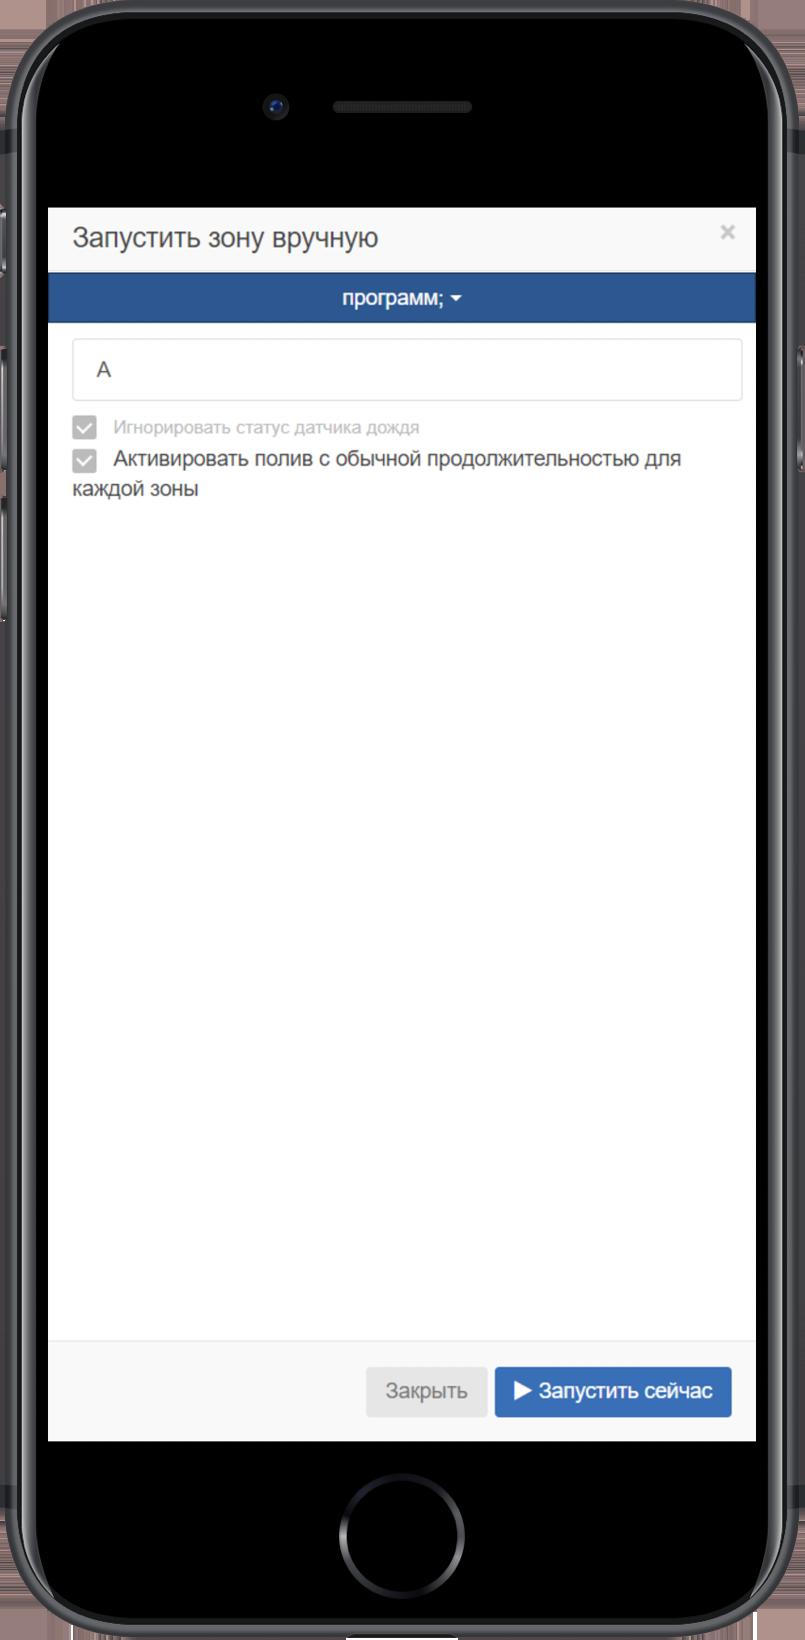 Remote_Feature_3_en-us.png